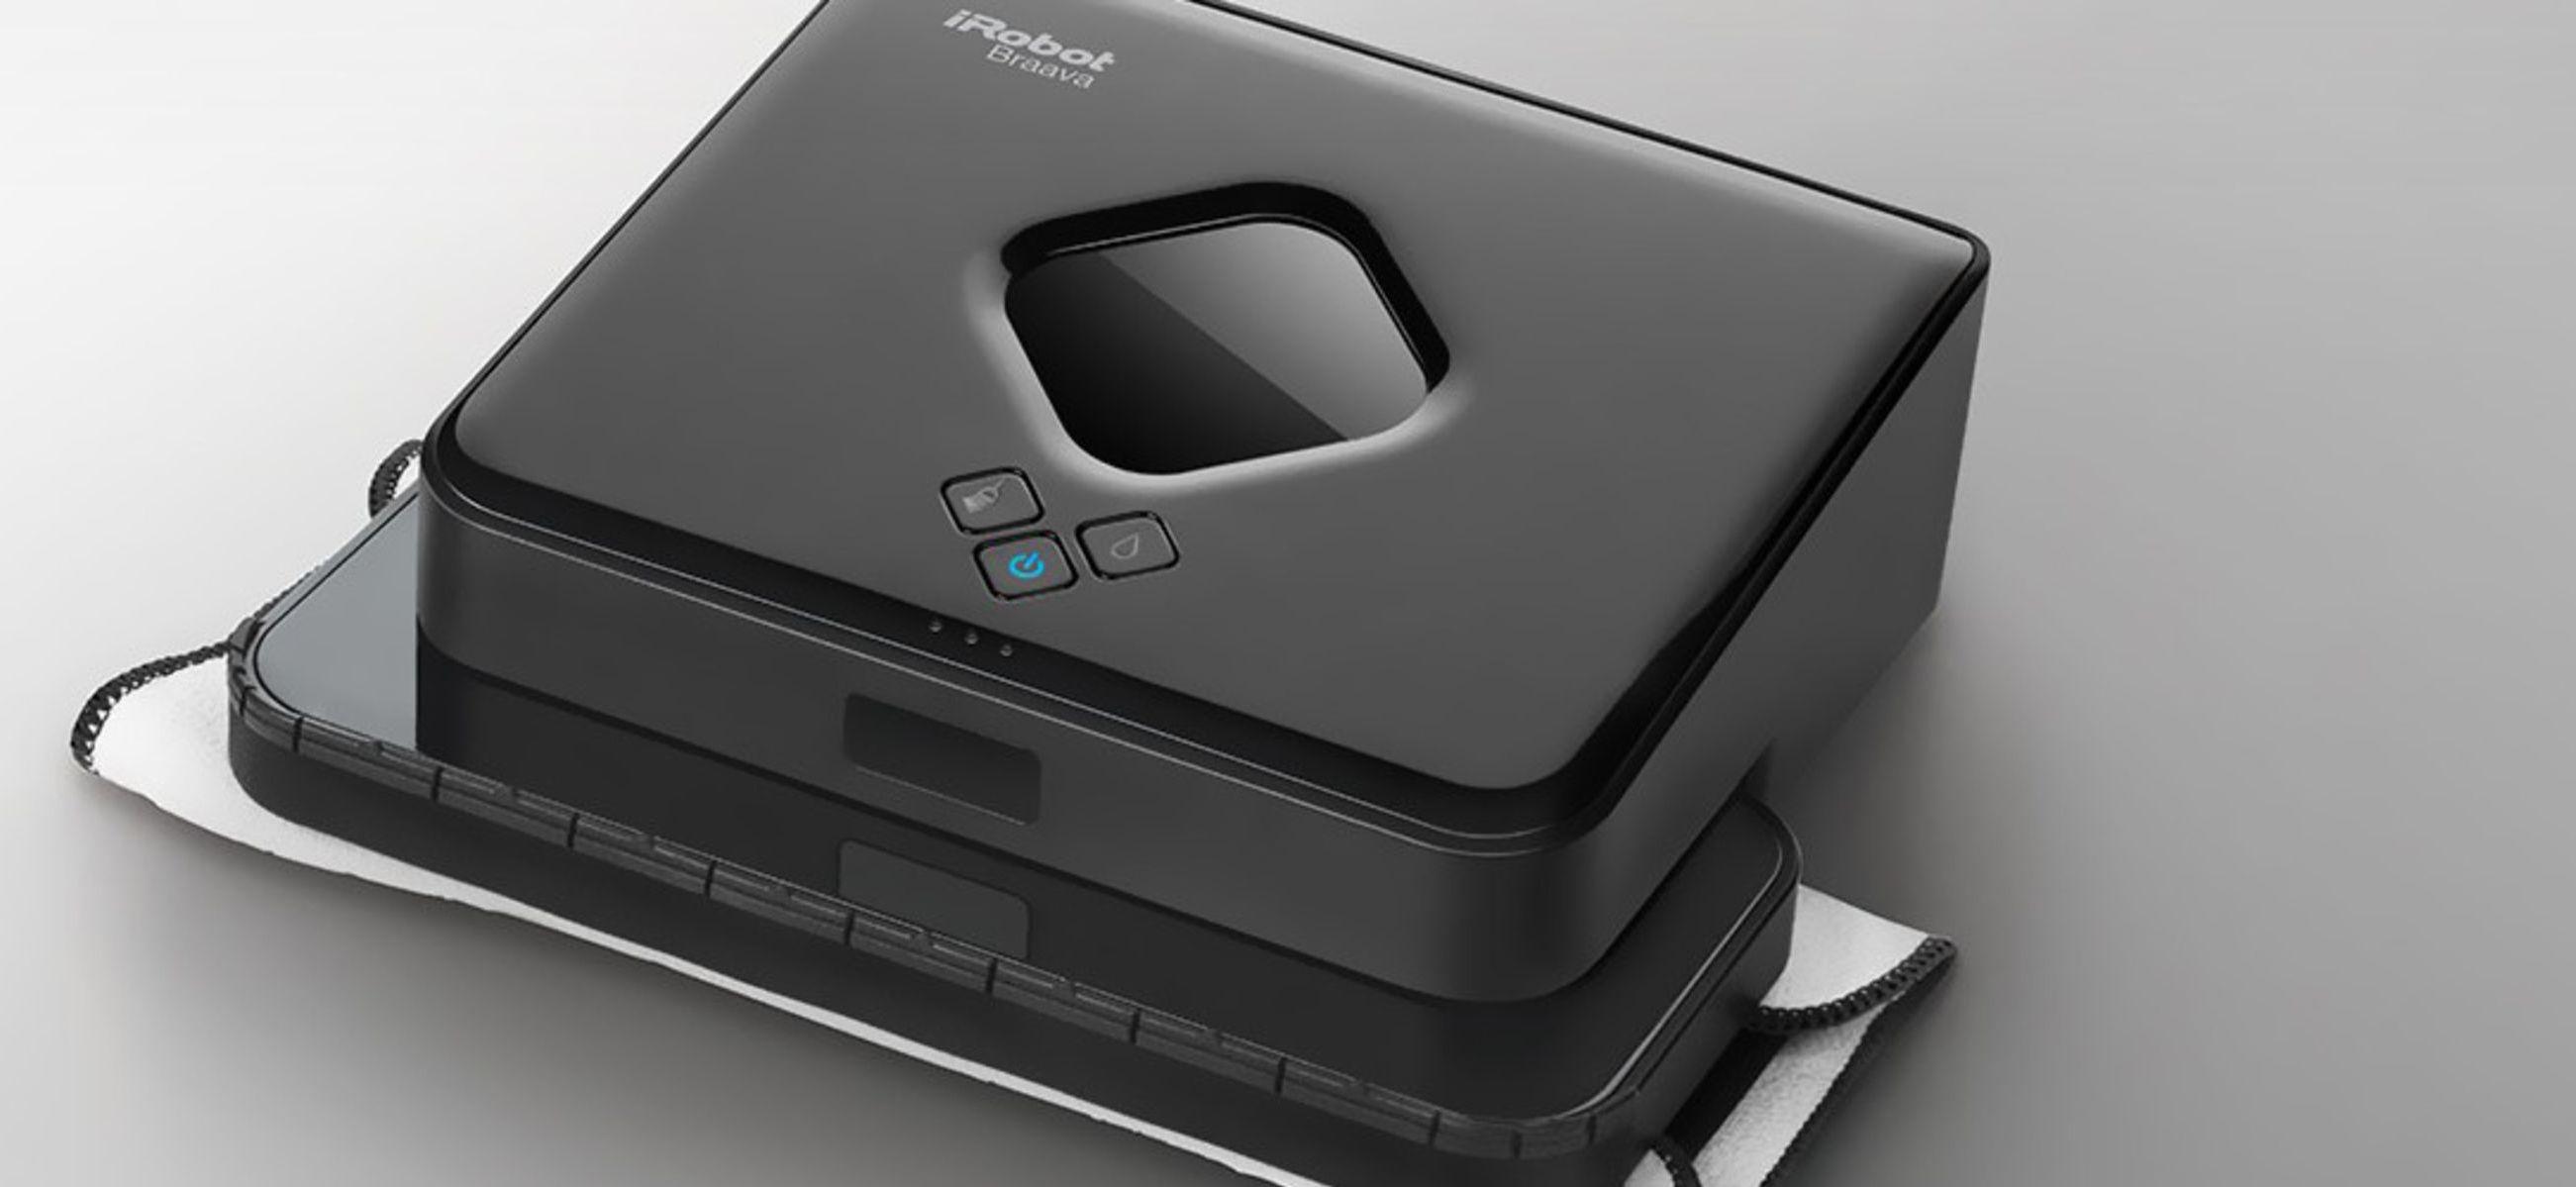 iRobot Braava je možné za pomoci dvoch rôznych nástavcov a utierok použiť na suché aj mokré čistenie.